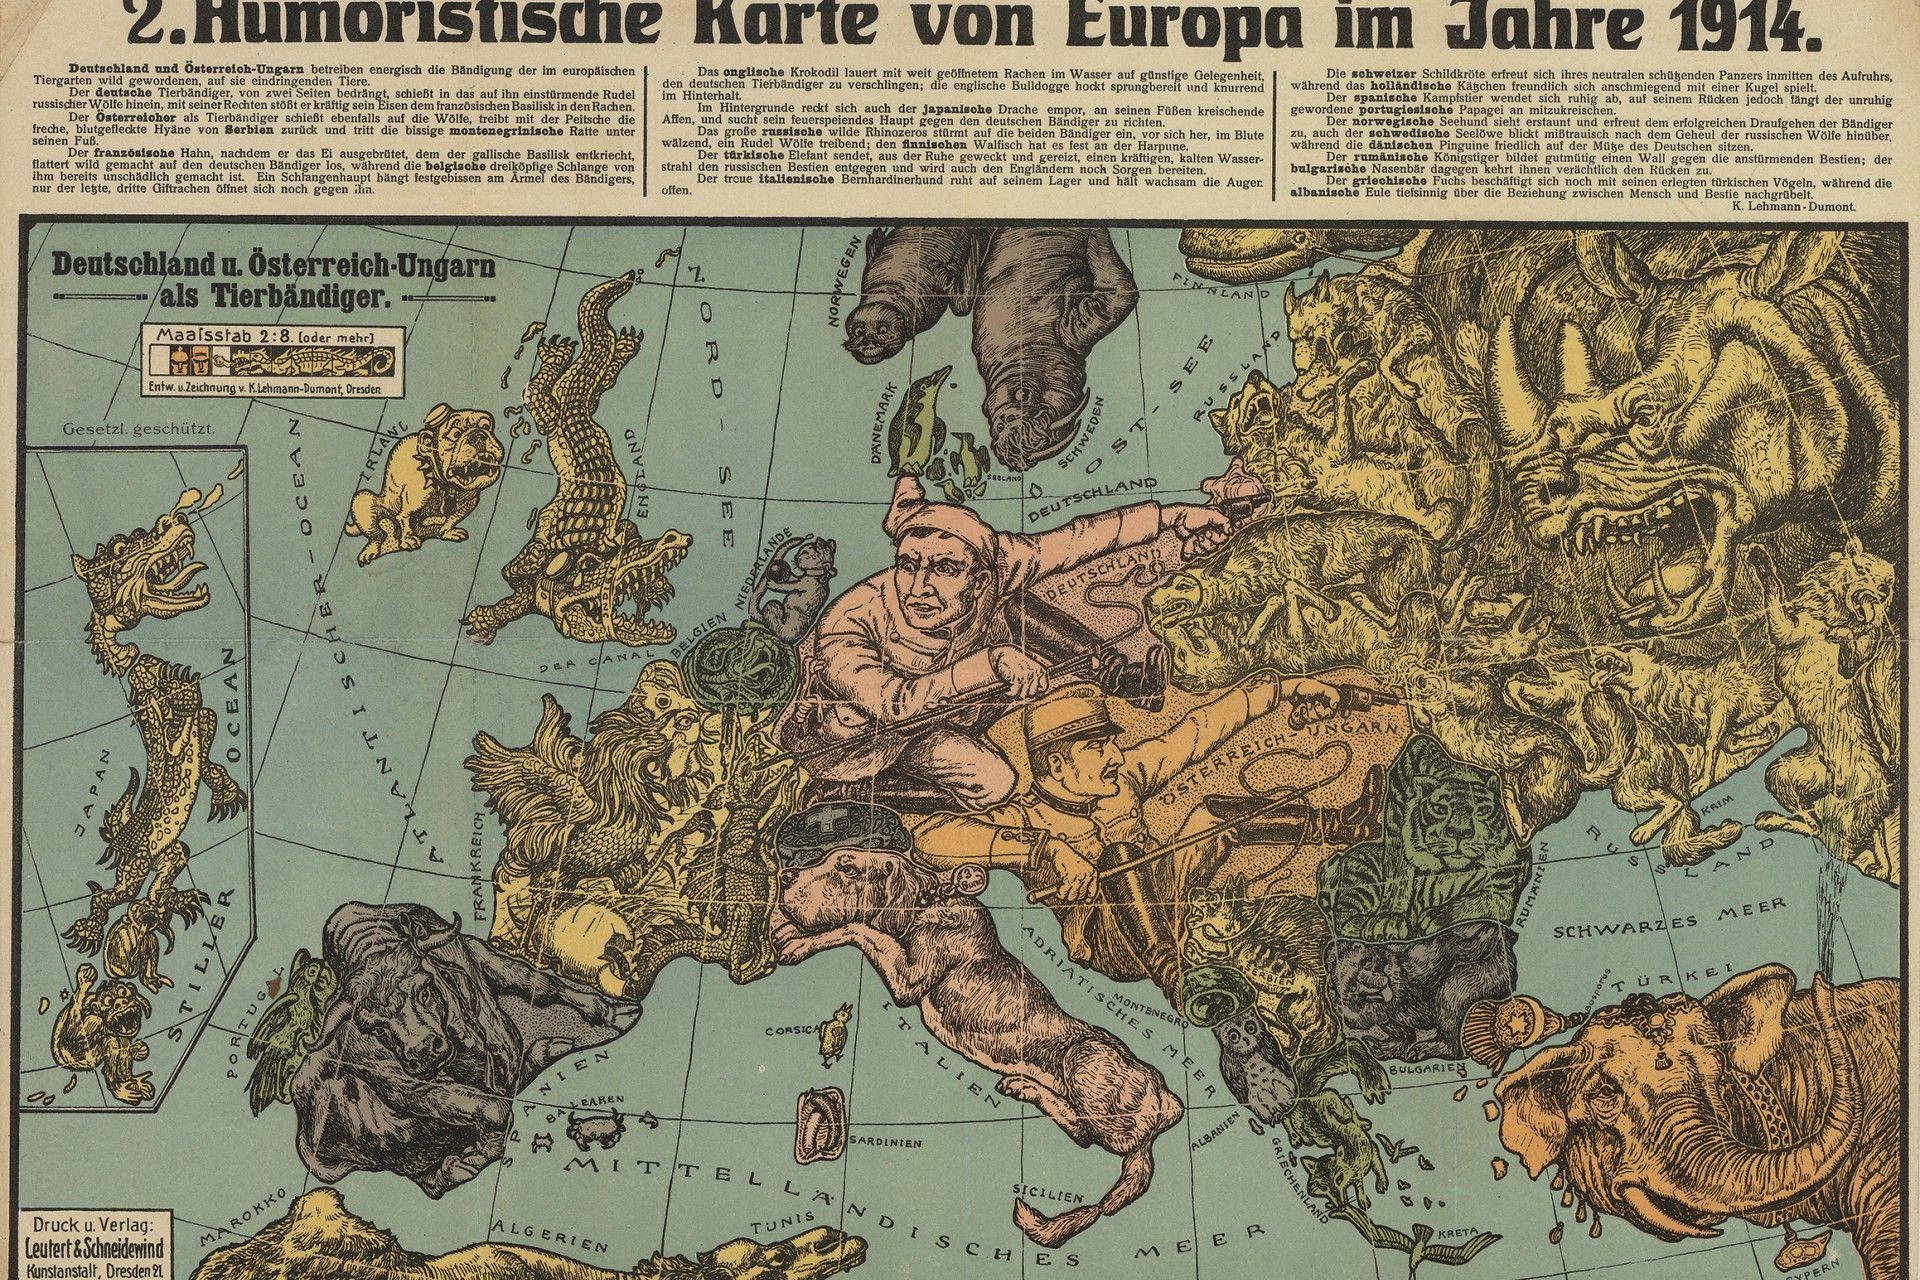 Karte Von Europa 1914.Lehmann Dumont Karl Humoristische Karte Von Europa Im Jahre 1914